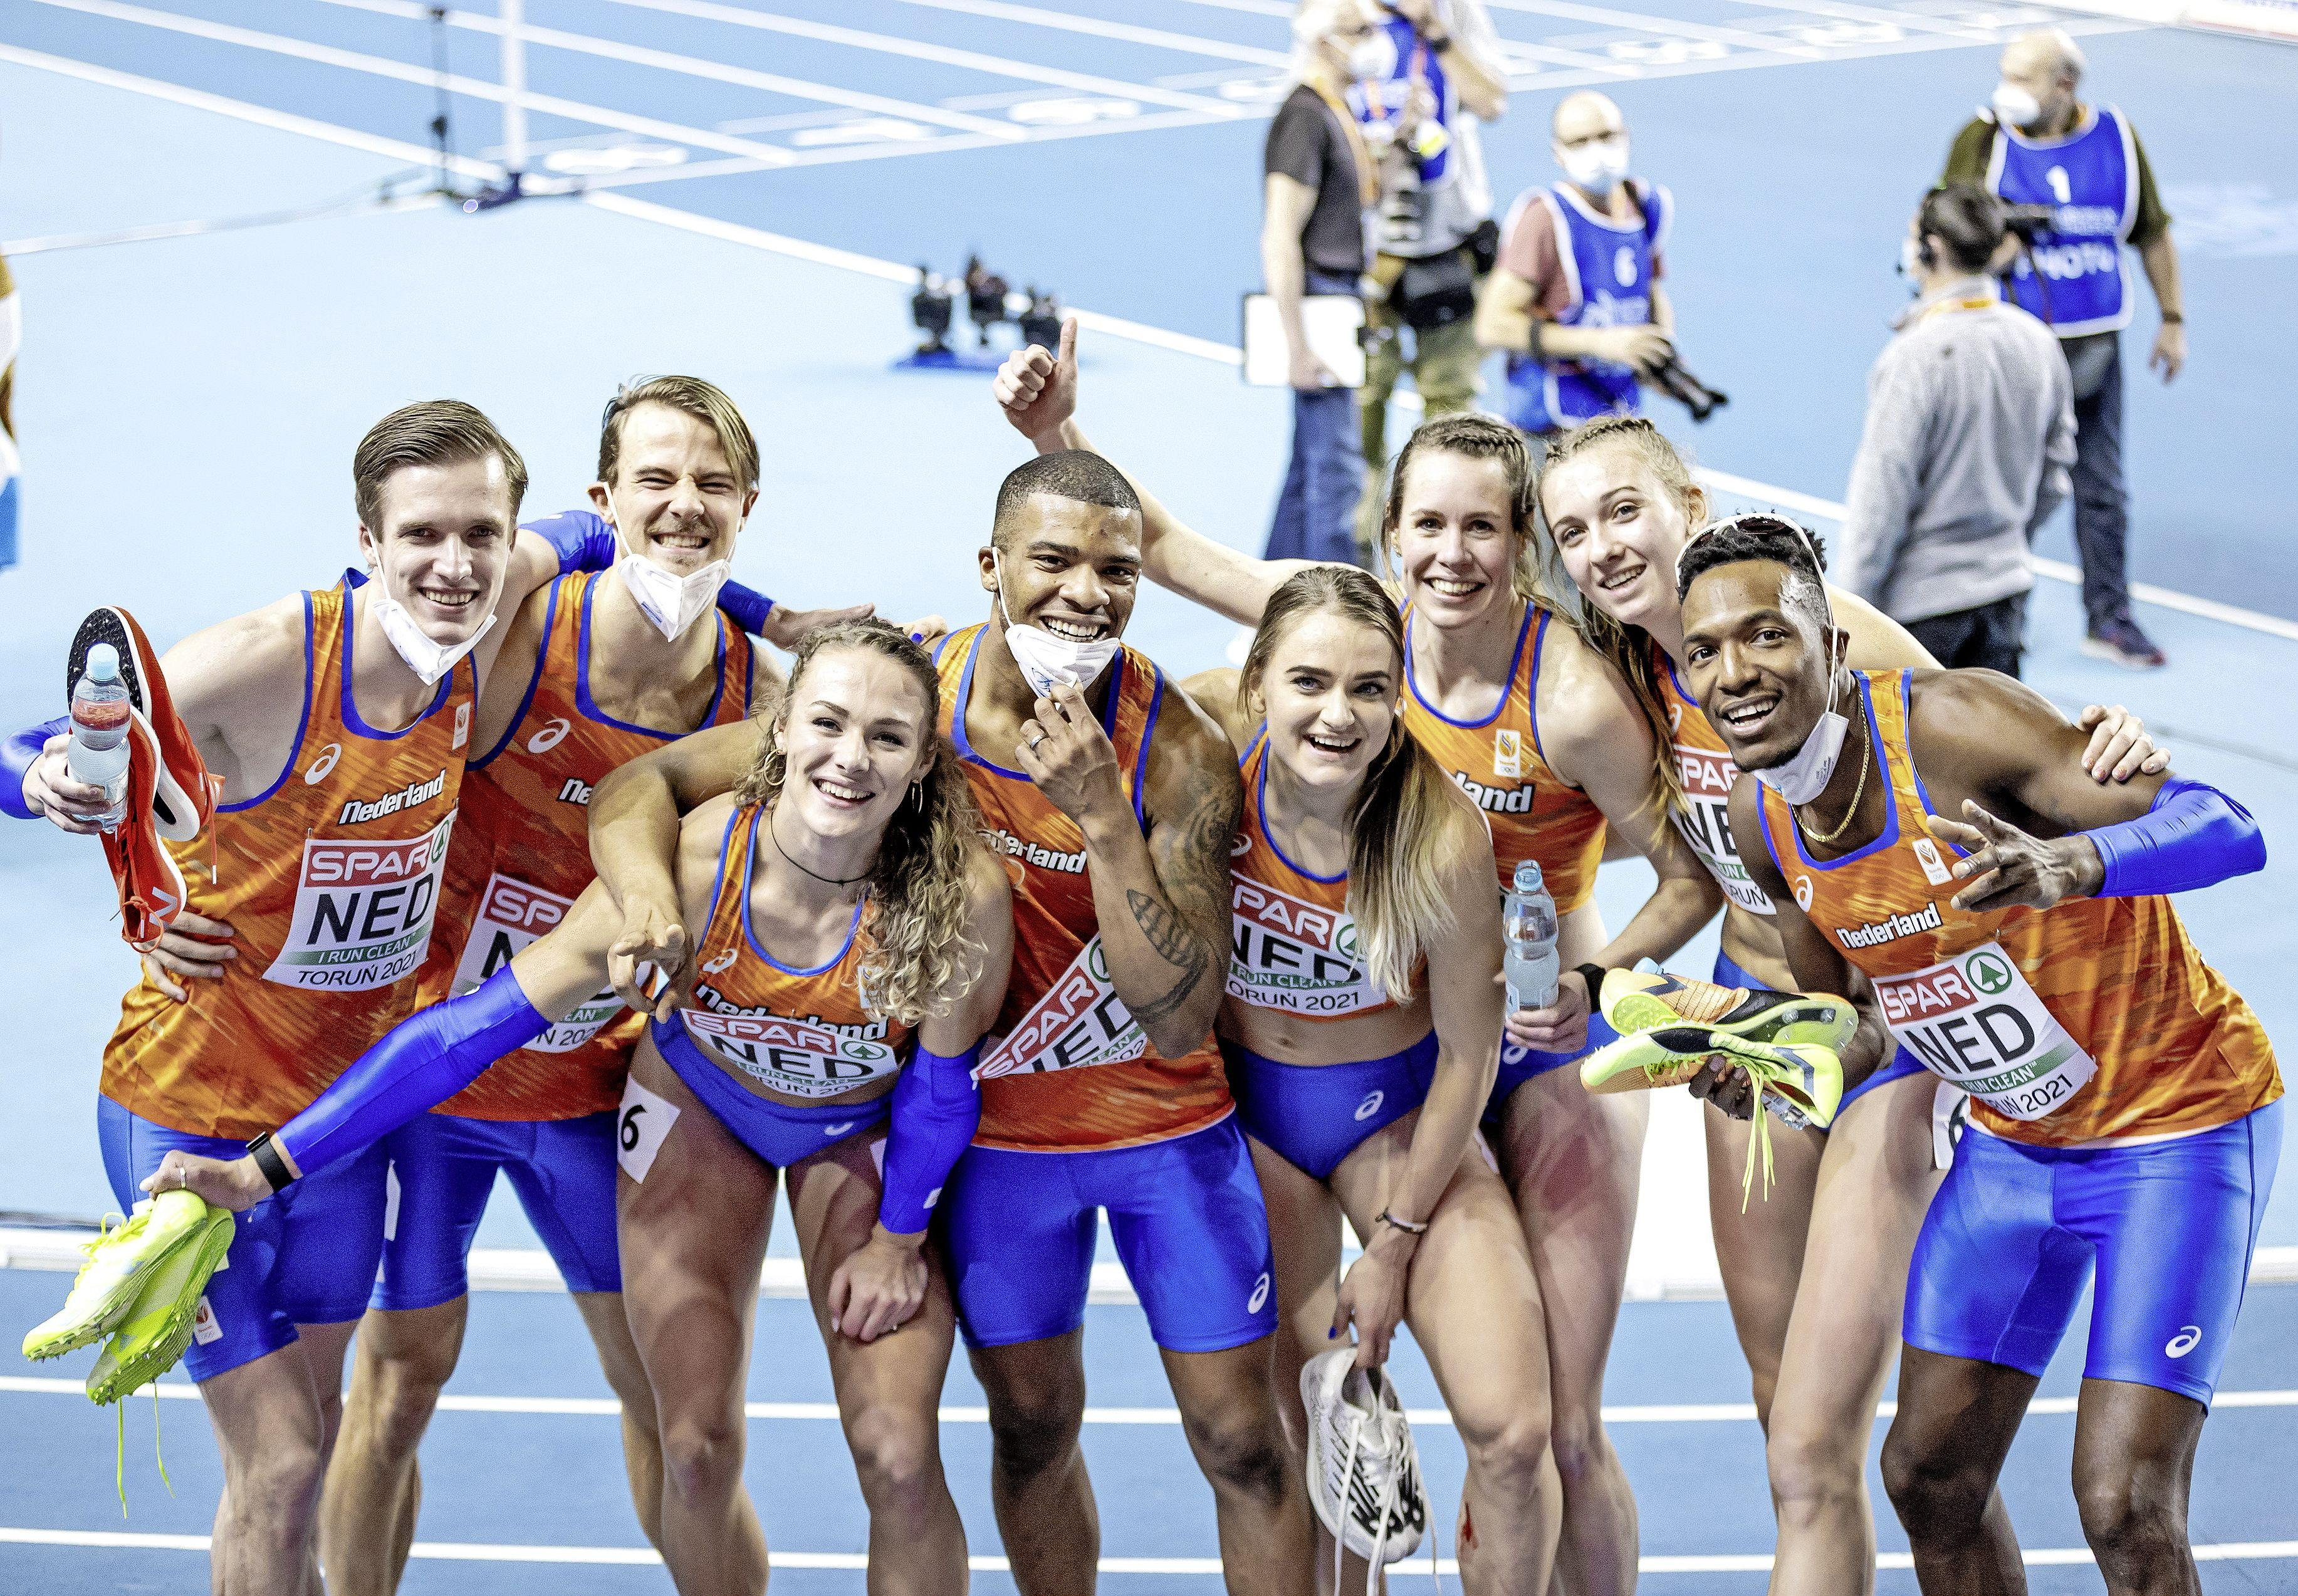 Nederlandse atletiekploeg wint medailleklassement bij EK indoor. De sleutel tot het succes is de 400 meter